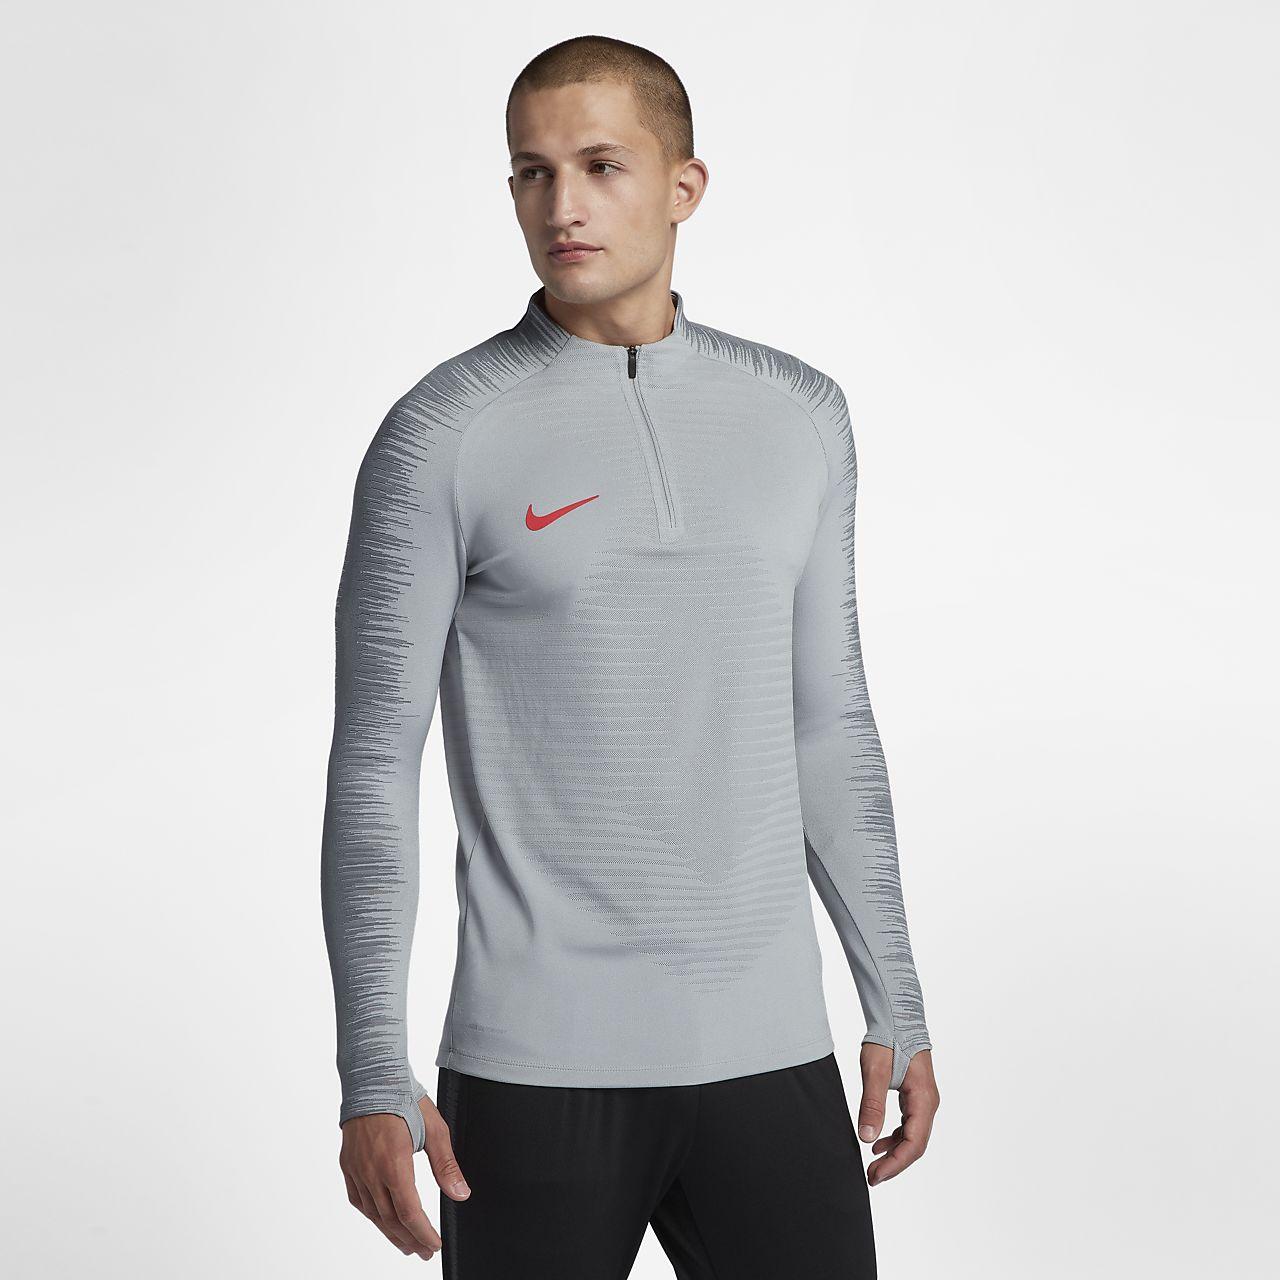 Pánské fotbalové tričko s dlouhým rukávem Nike VaporKnit Strike